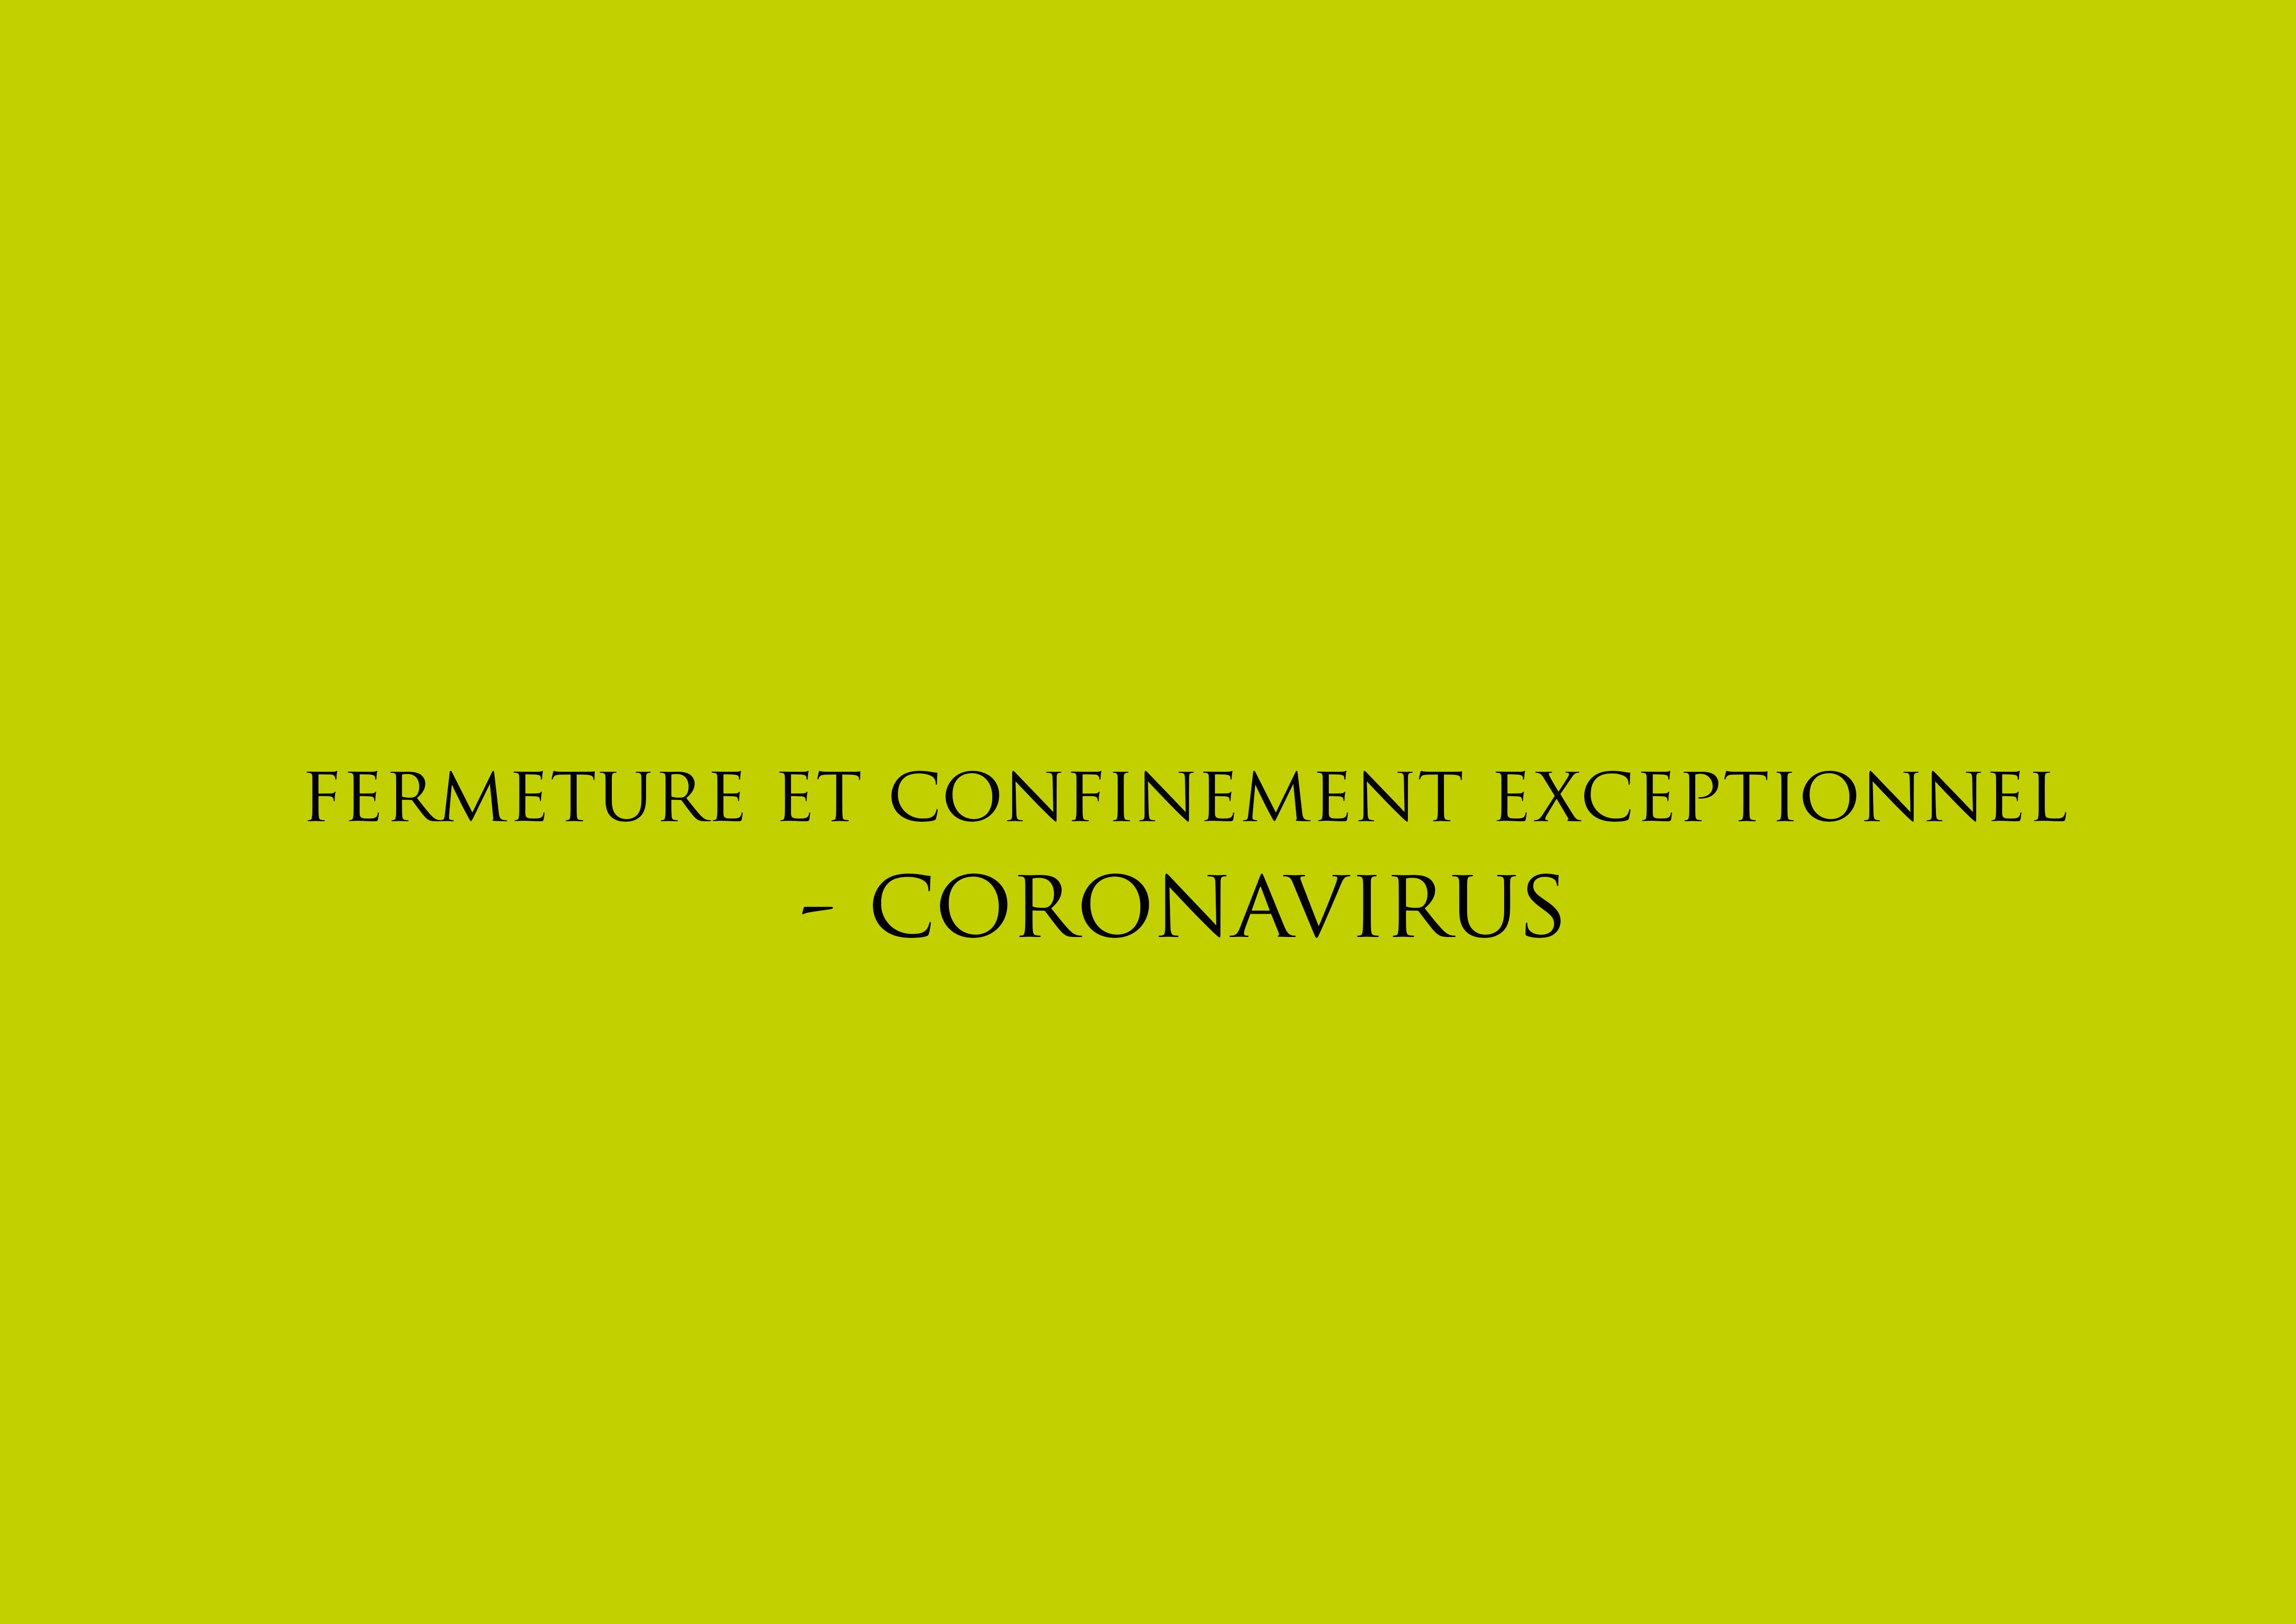 Jardins des 4 Saisons. Fermeture et confinement exceptionnel Coronavirus - Votre paysagiste sur Guer, Ploërmel, Redon, Plélan-Le-Grand, Maure de Bretagne.